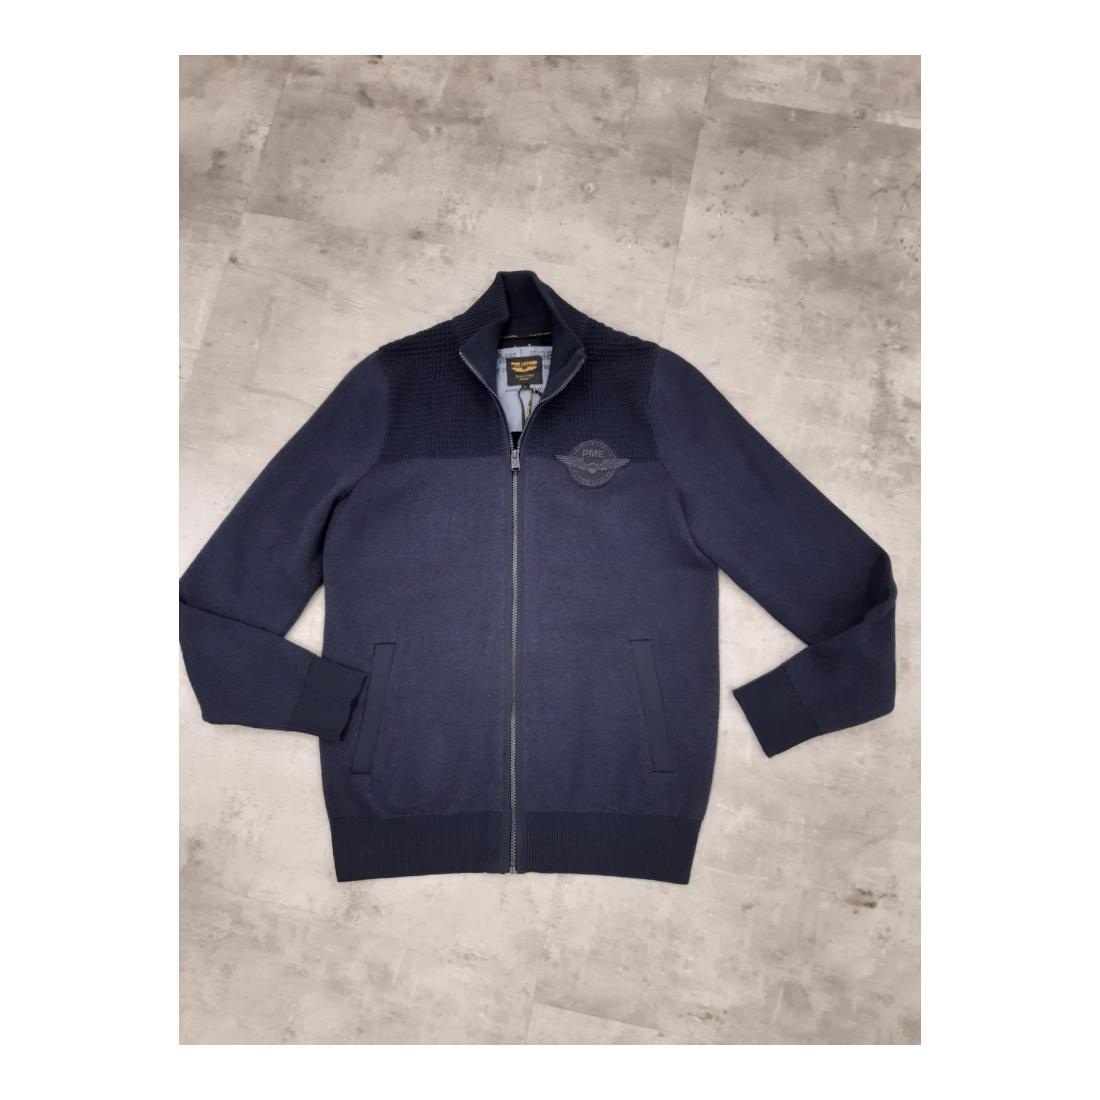 PME Legend Cardigan Herren Zip jacket cotton double